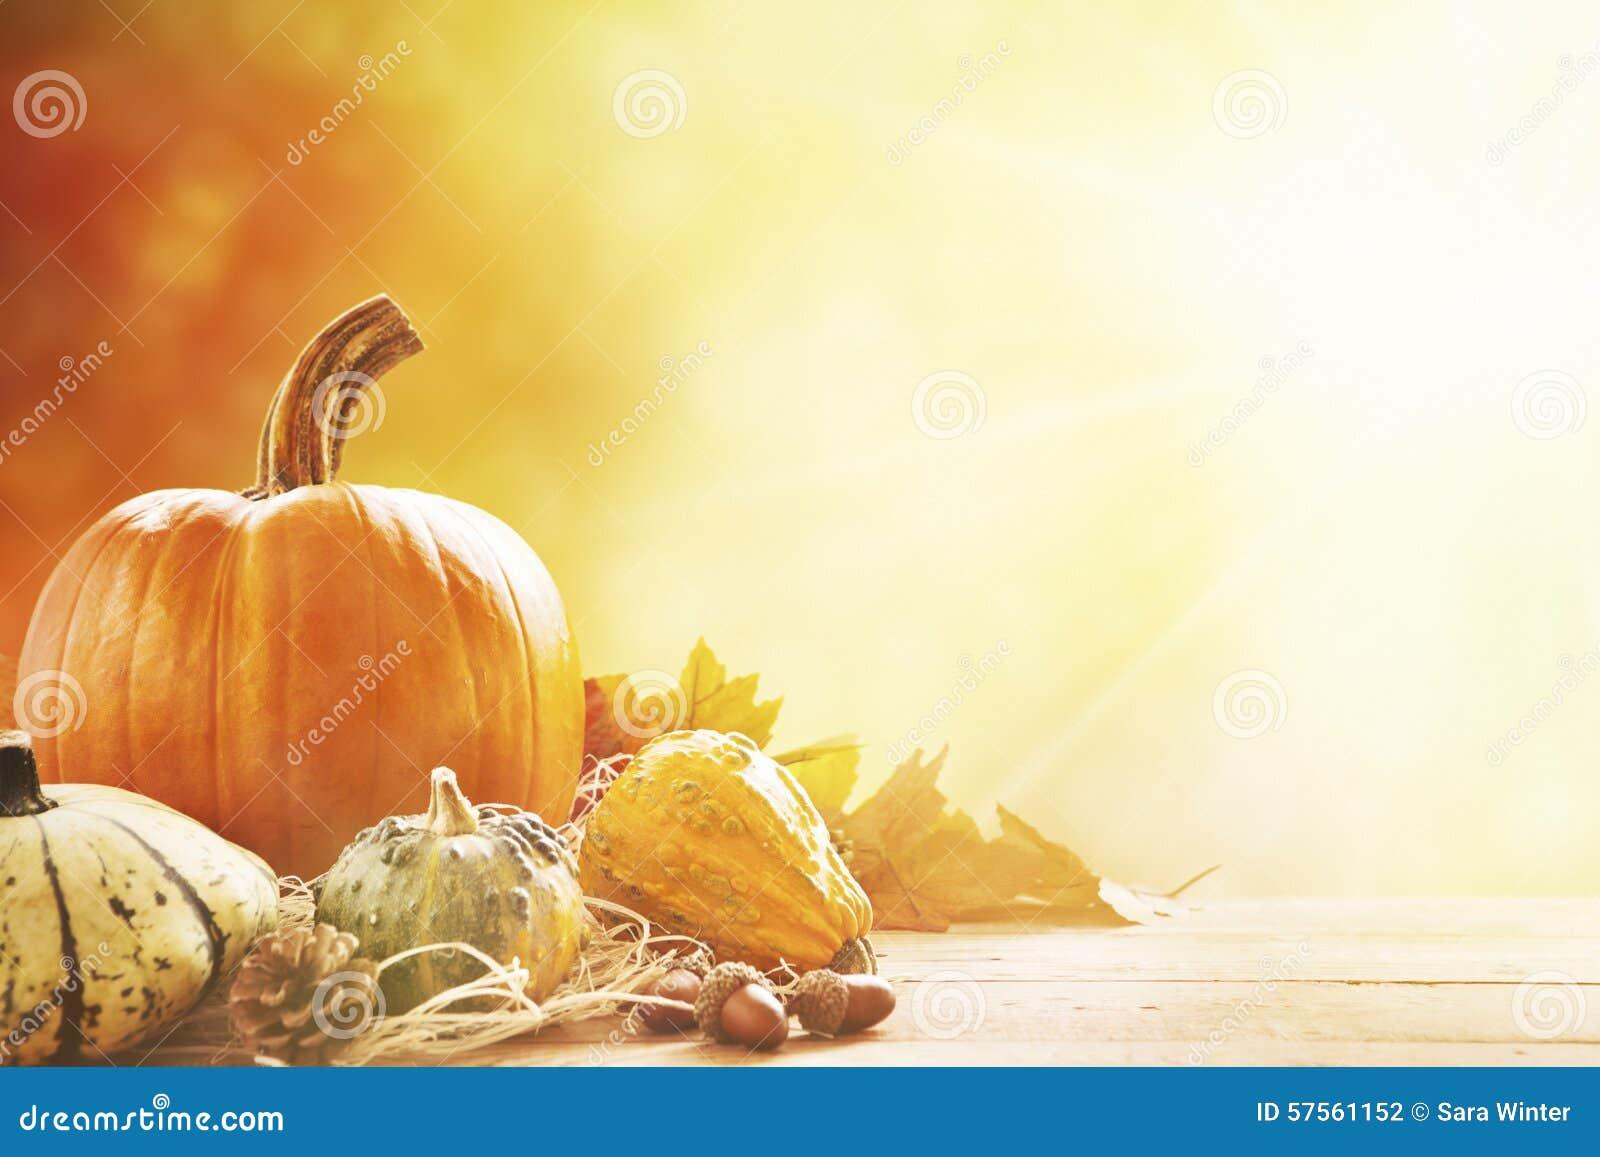 Autumn still life in bright sunlight